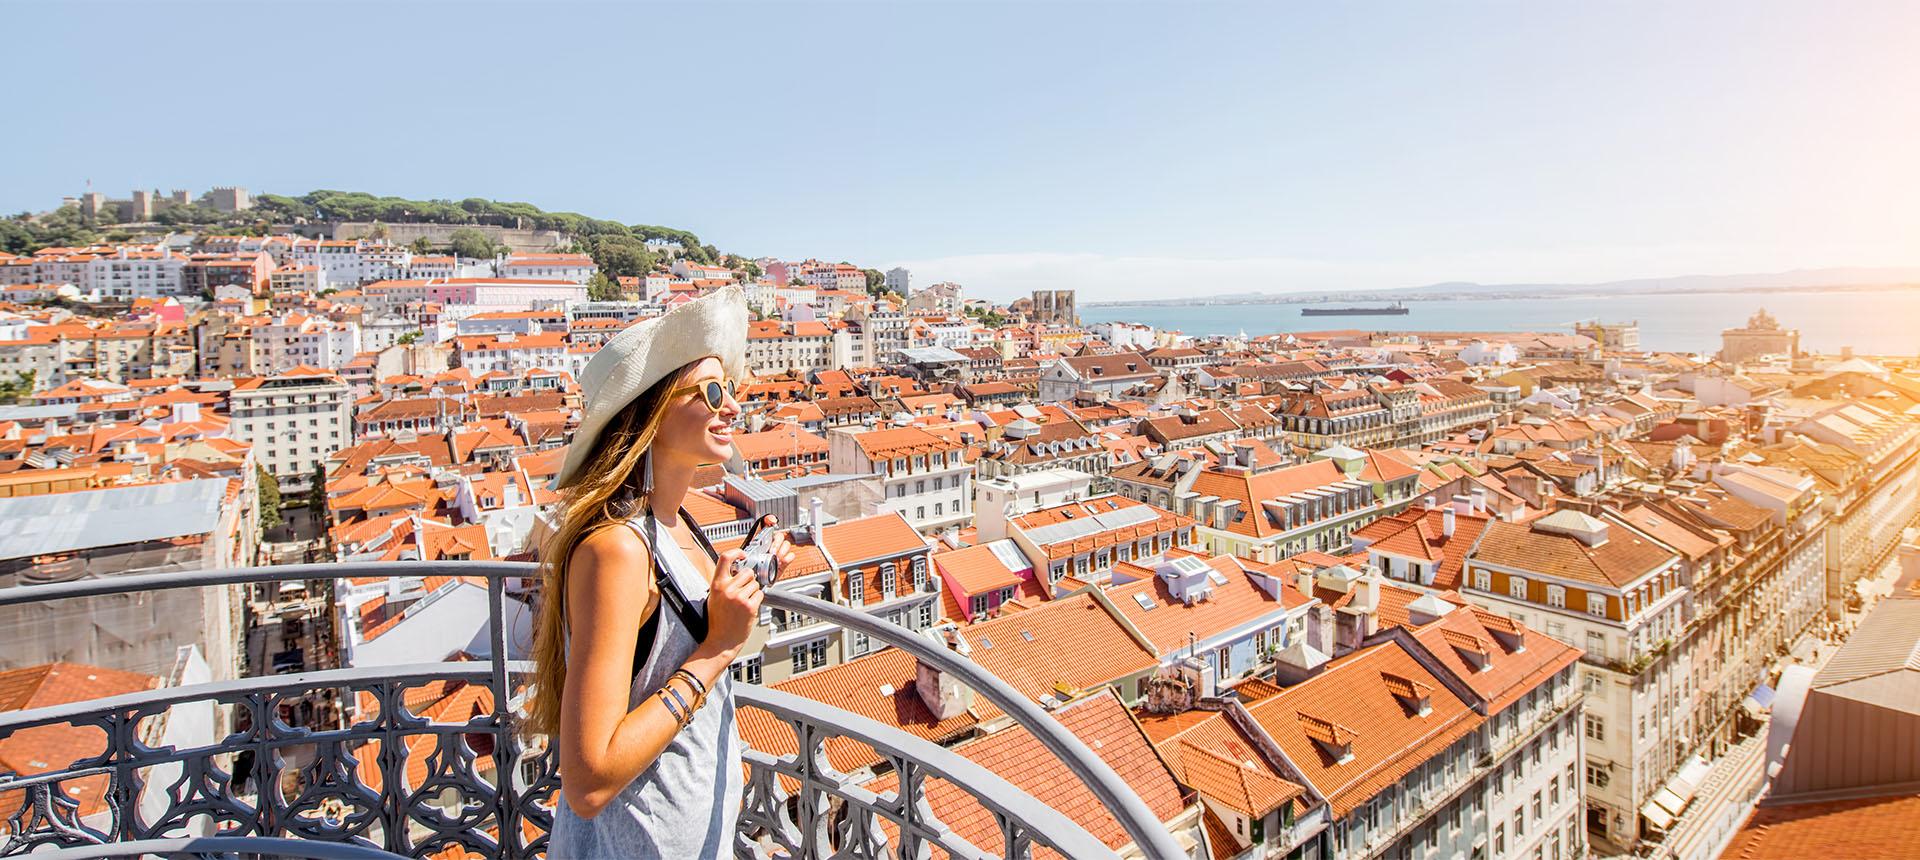 Viver em Portugal 0